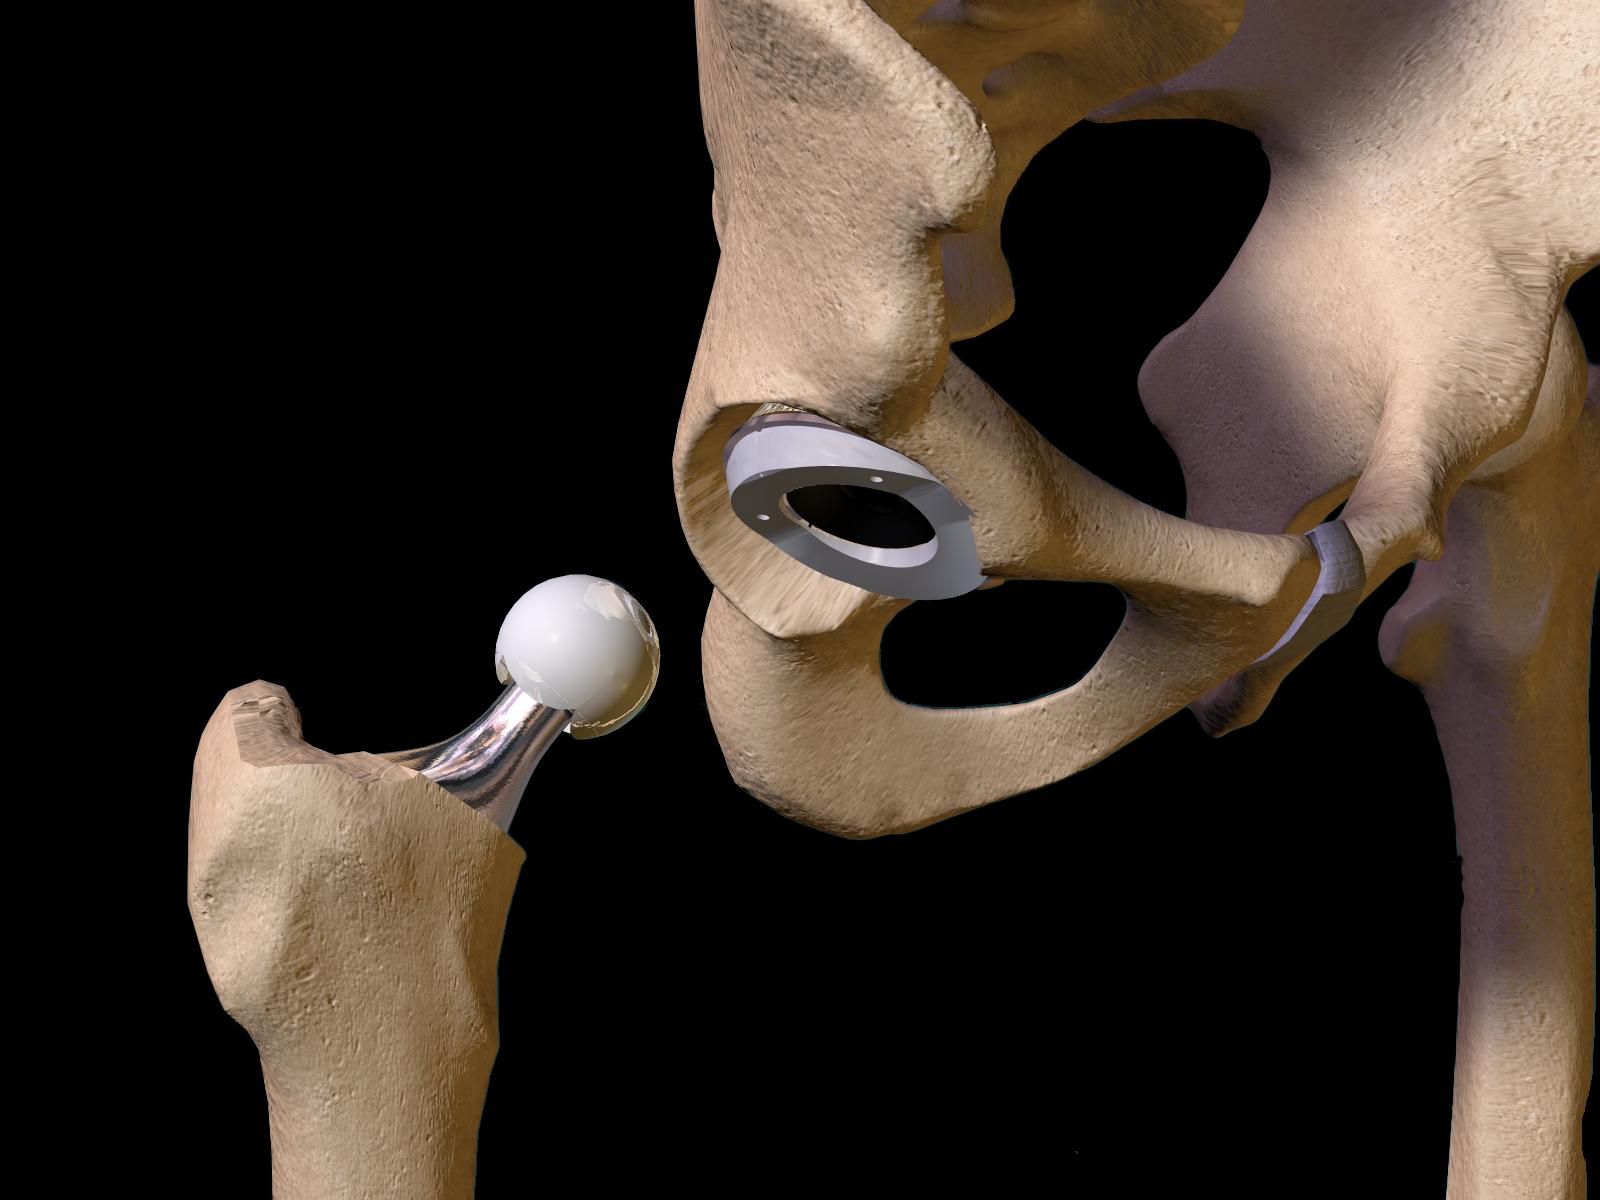 Рис.10. Эндопротезы тазобедренного сустава из различных материалов